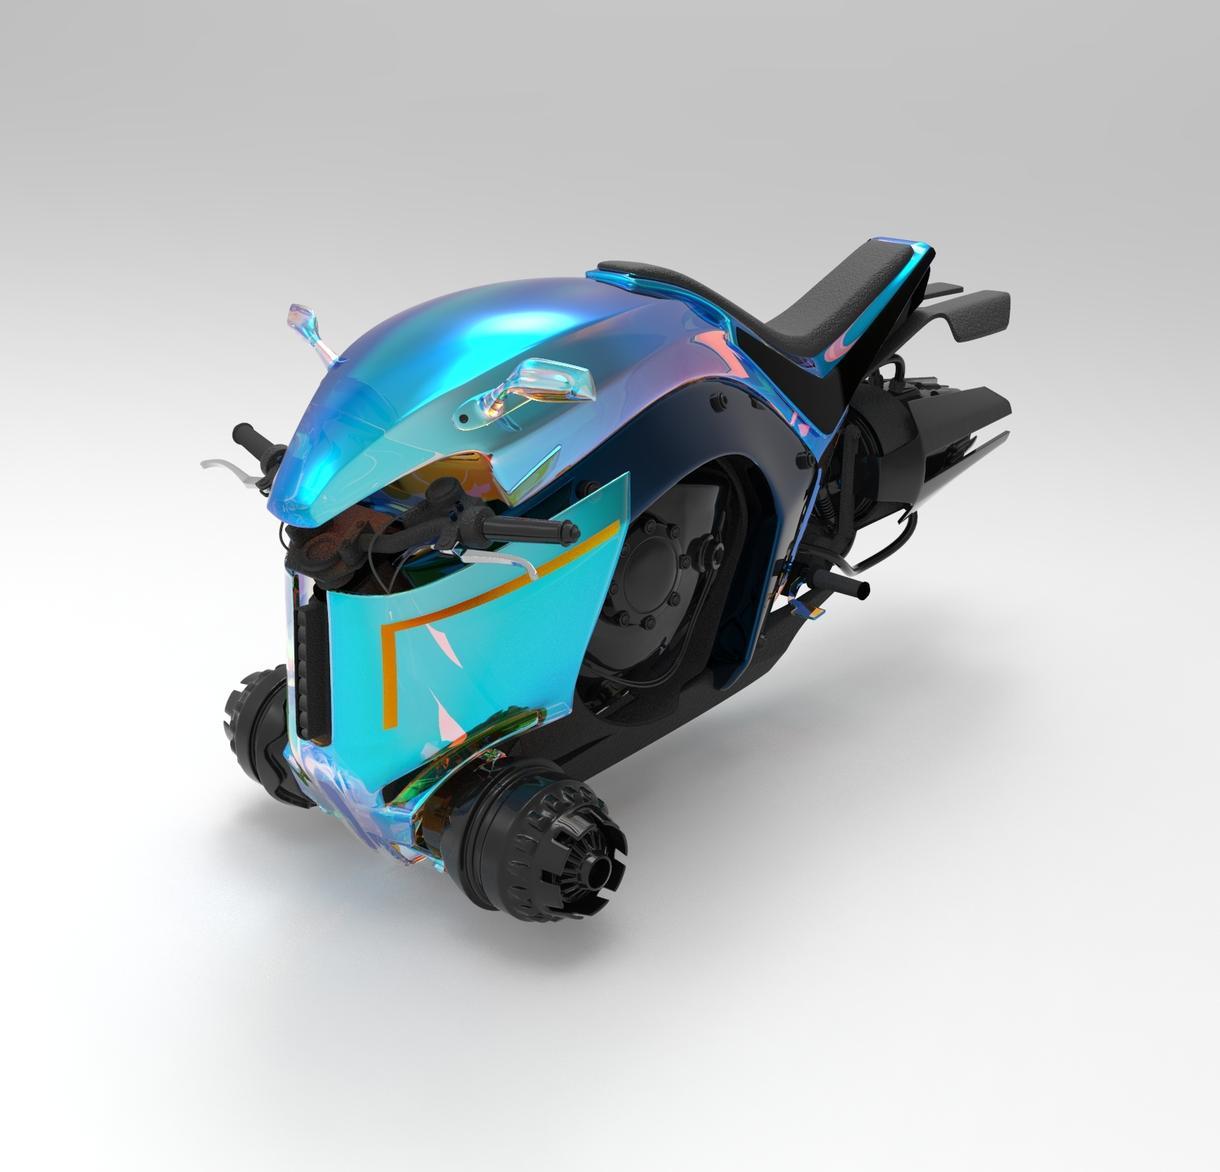 3Dオブジェクト製作とCGターン動画をお作りします 手描きアイディアや商品等のCGムービーを作成します